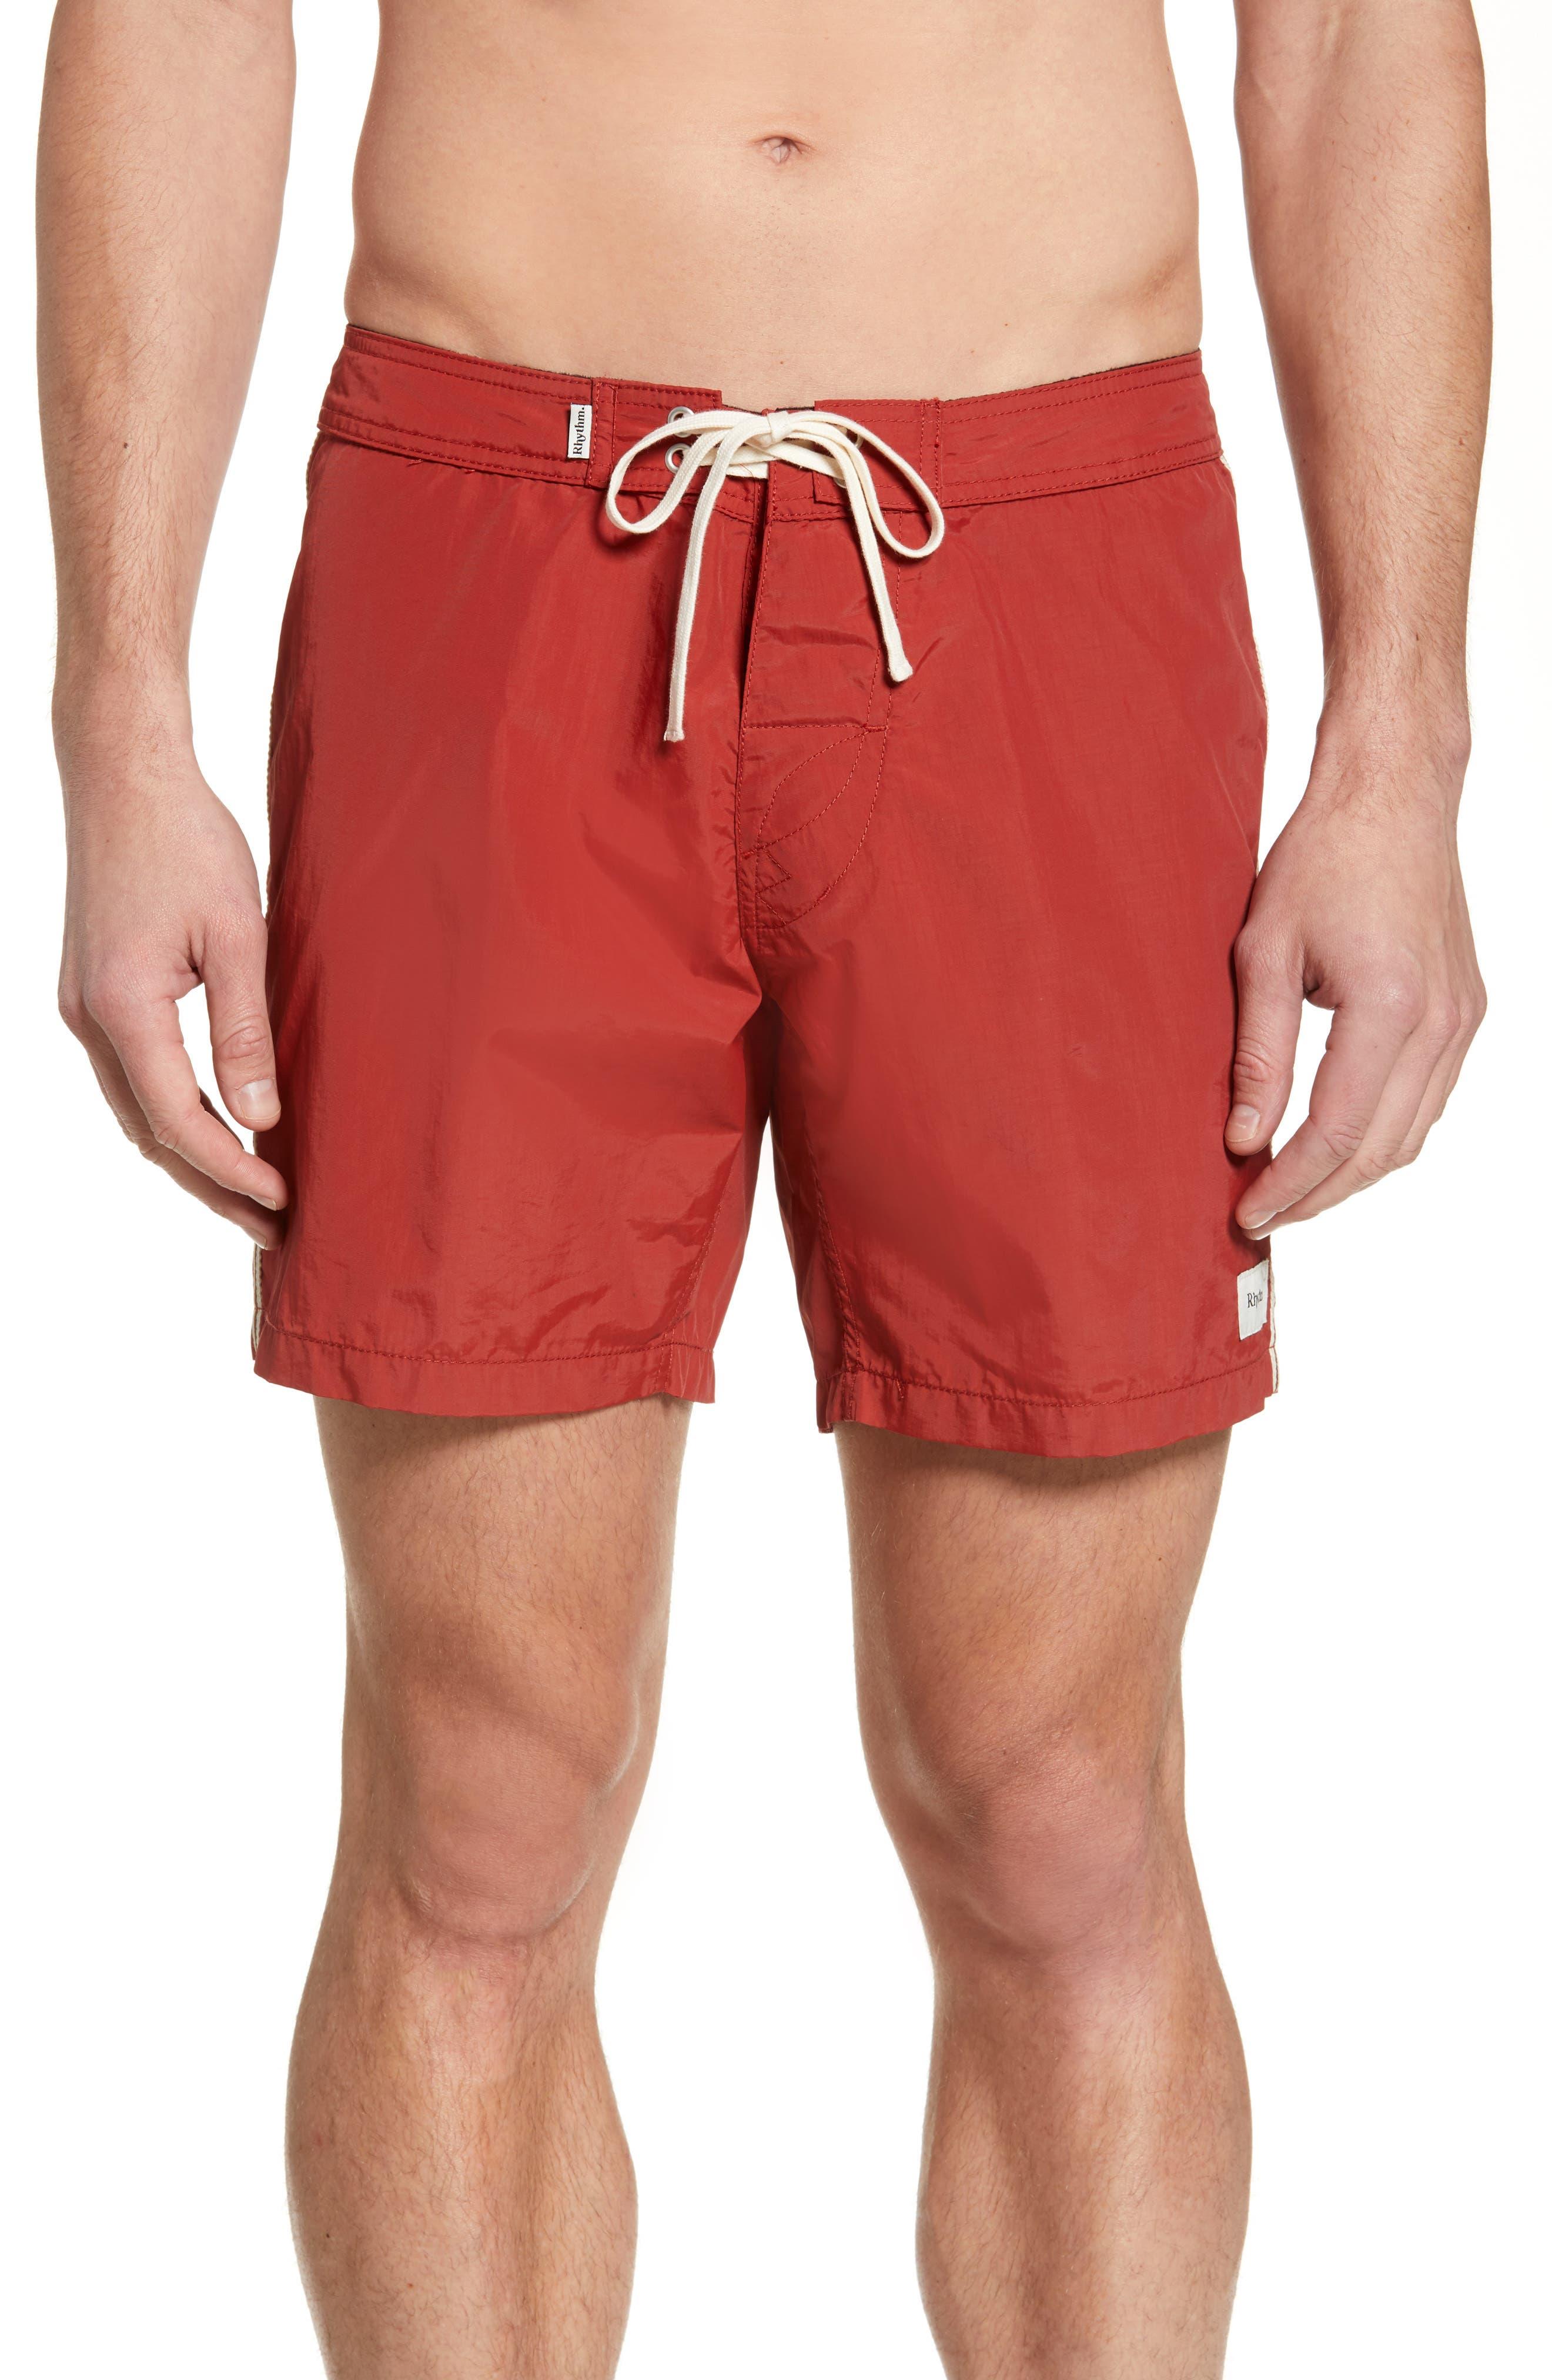 Rhythm Classic Solid Swim Trunks, Red